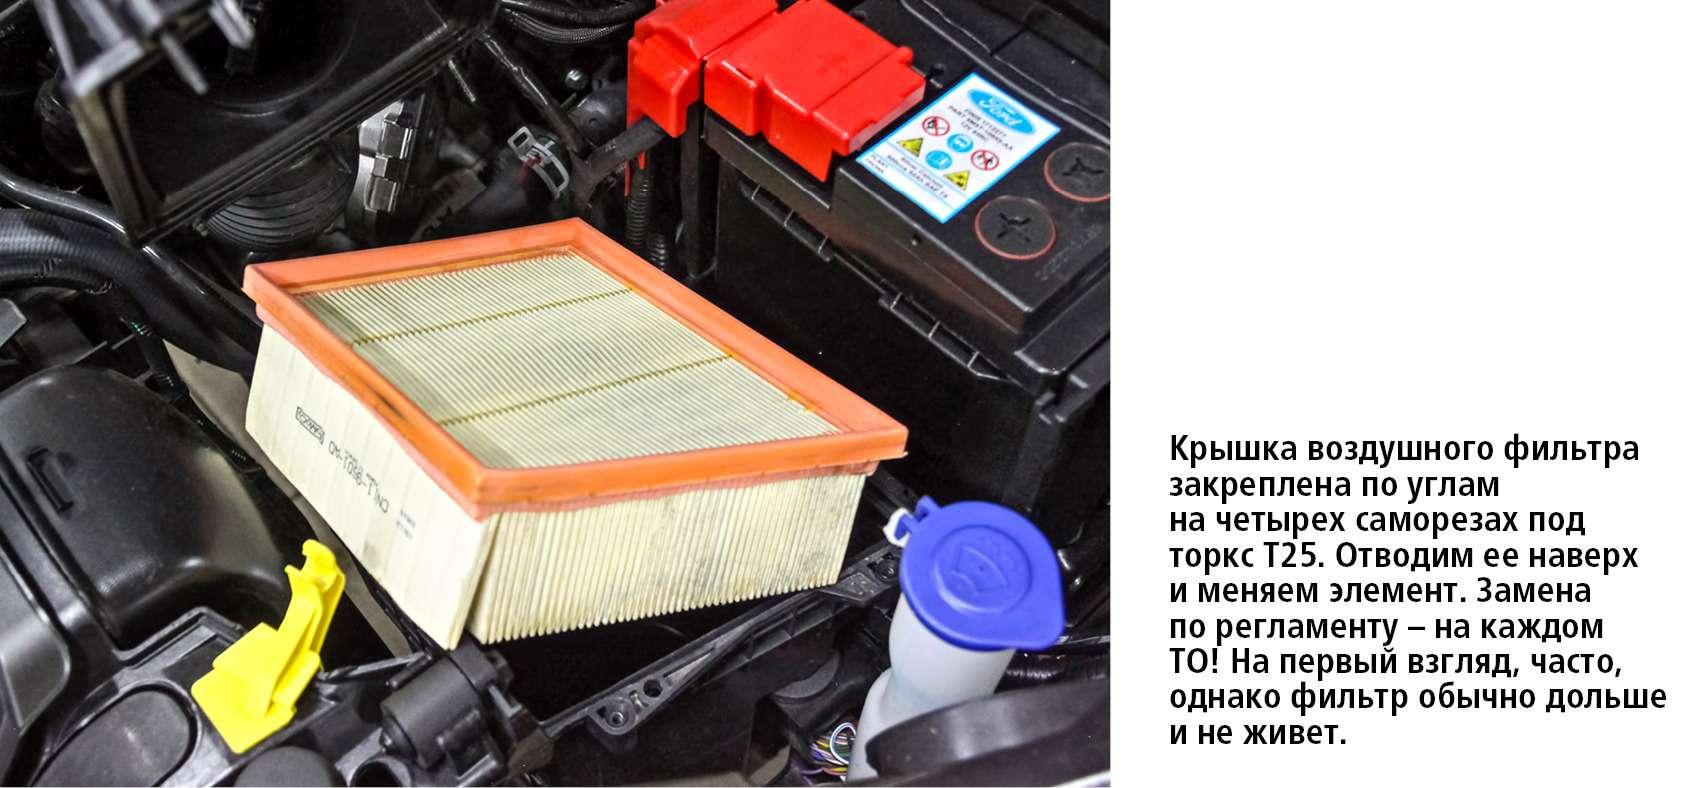 Ford Fiesta: проверка наремонтопригодность— фото 610317